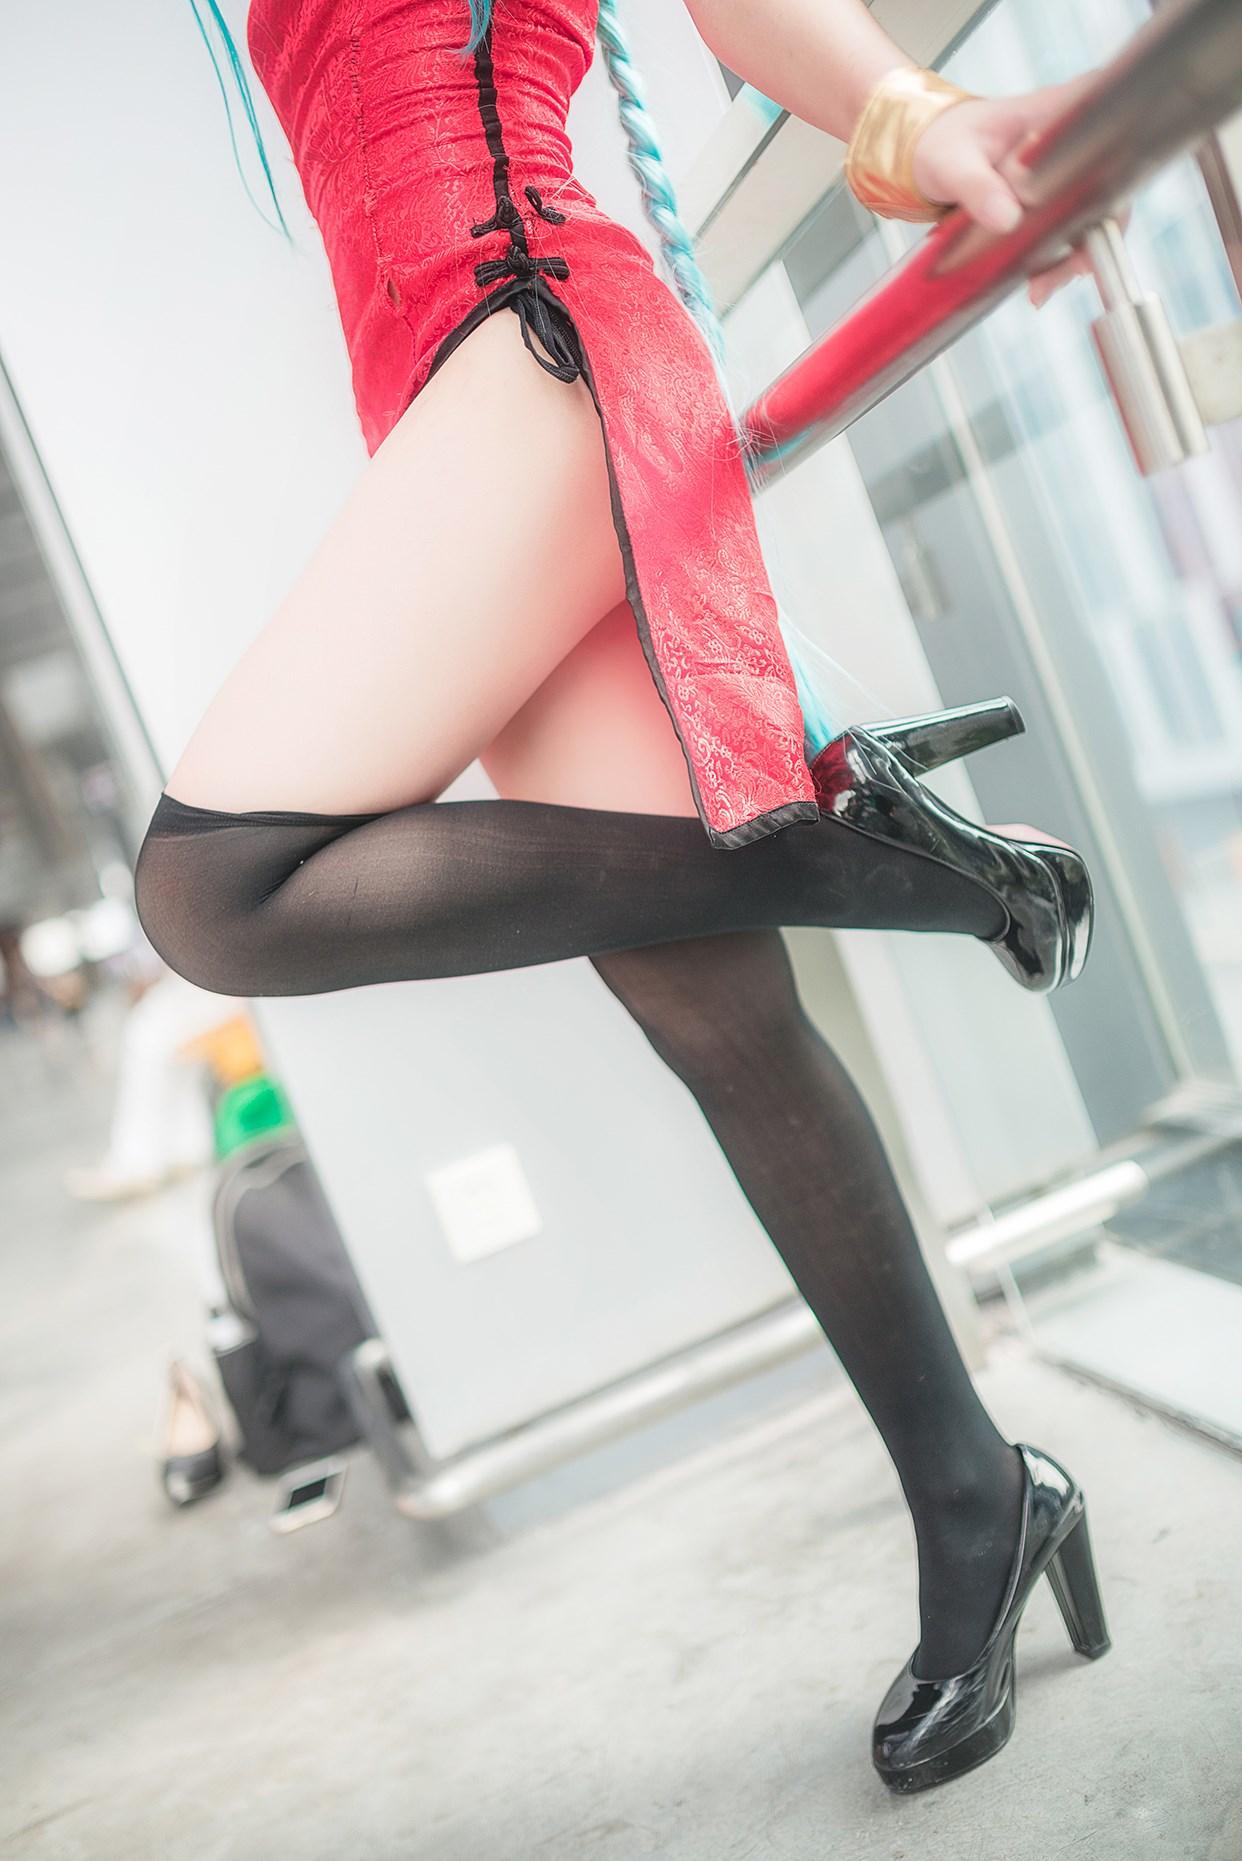 【兔玩映画】腿照福利合集2.0 兔玩映画 第20张